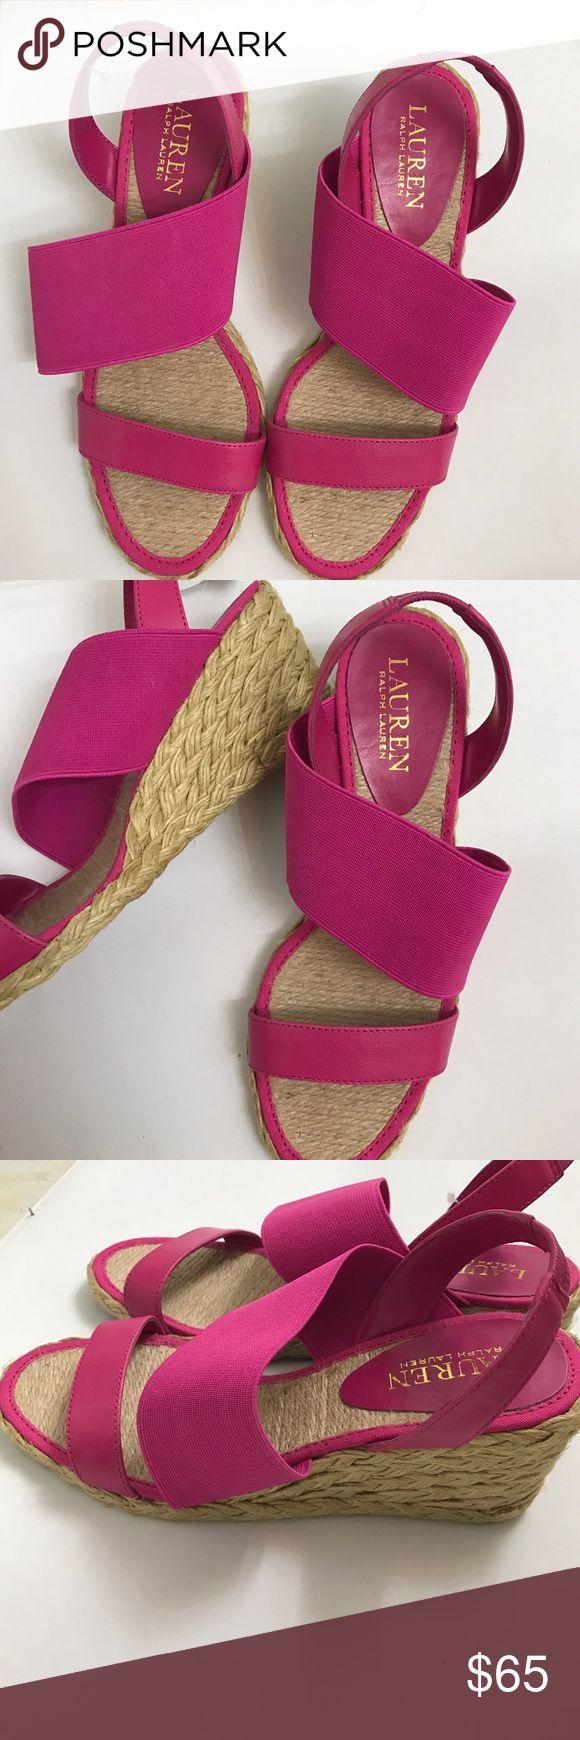 Sandals chic espadrille Shoes New Lauren Ralph Lauren Shoes Wedges